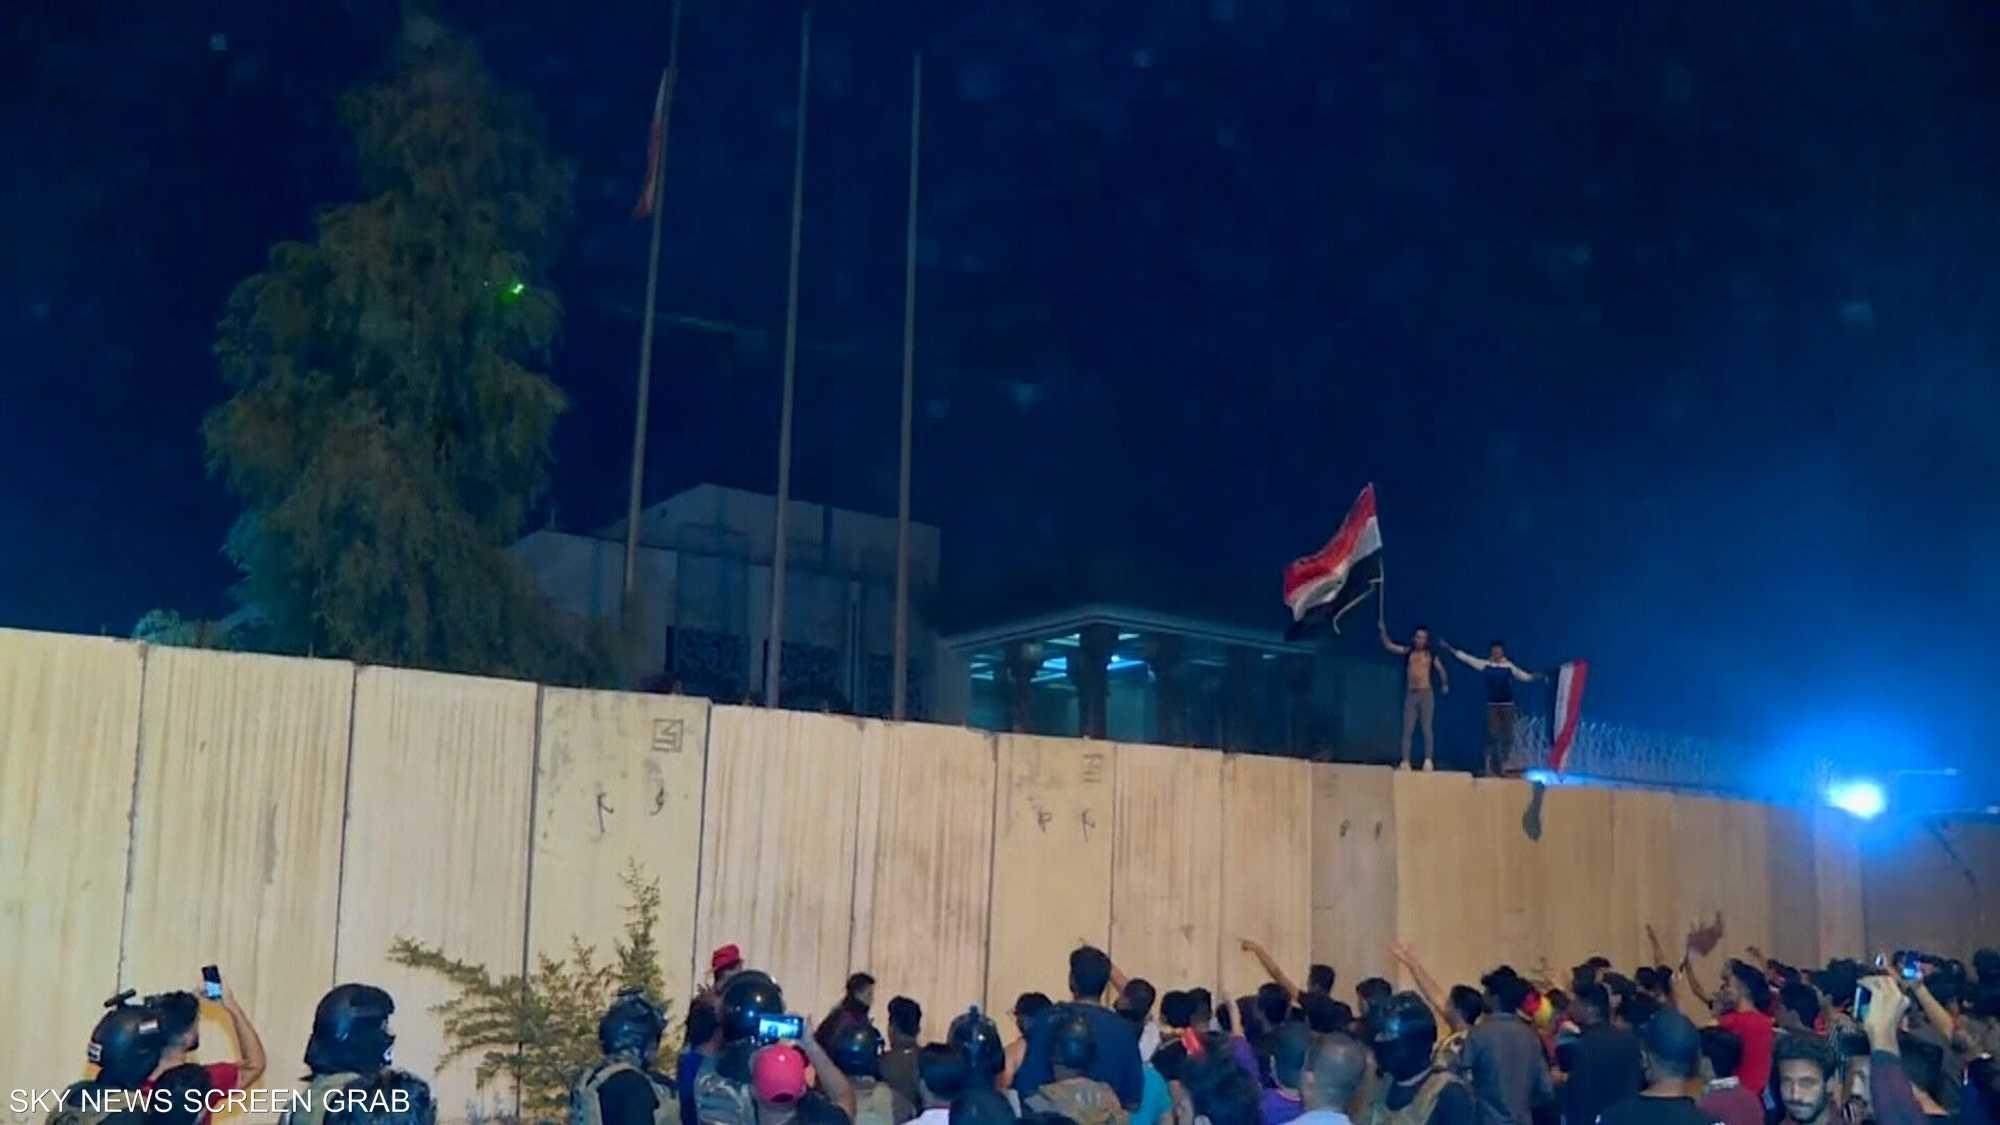 محتجون يحاولون إضرام النار في مقر قنصلية إيران في كربلاء